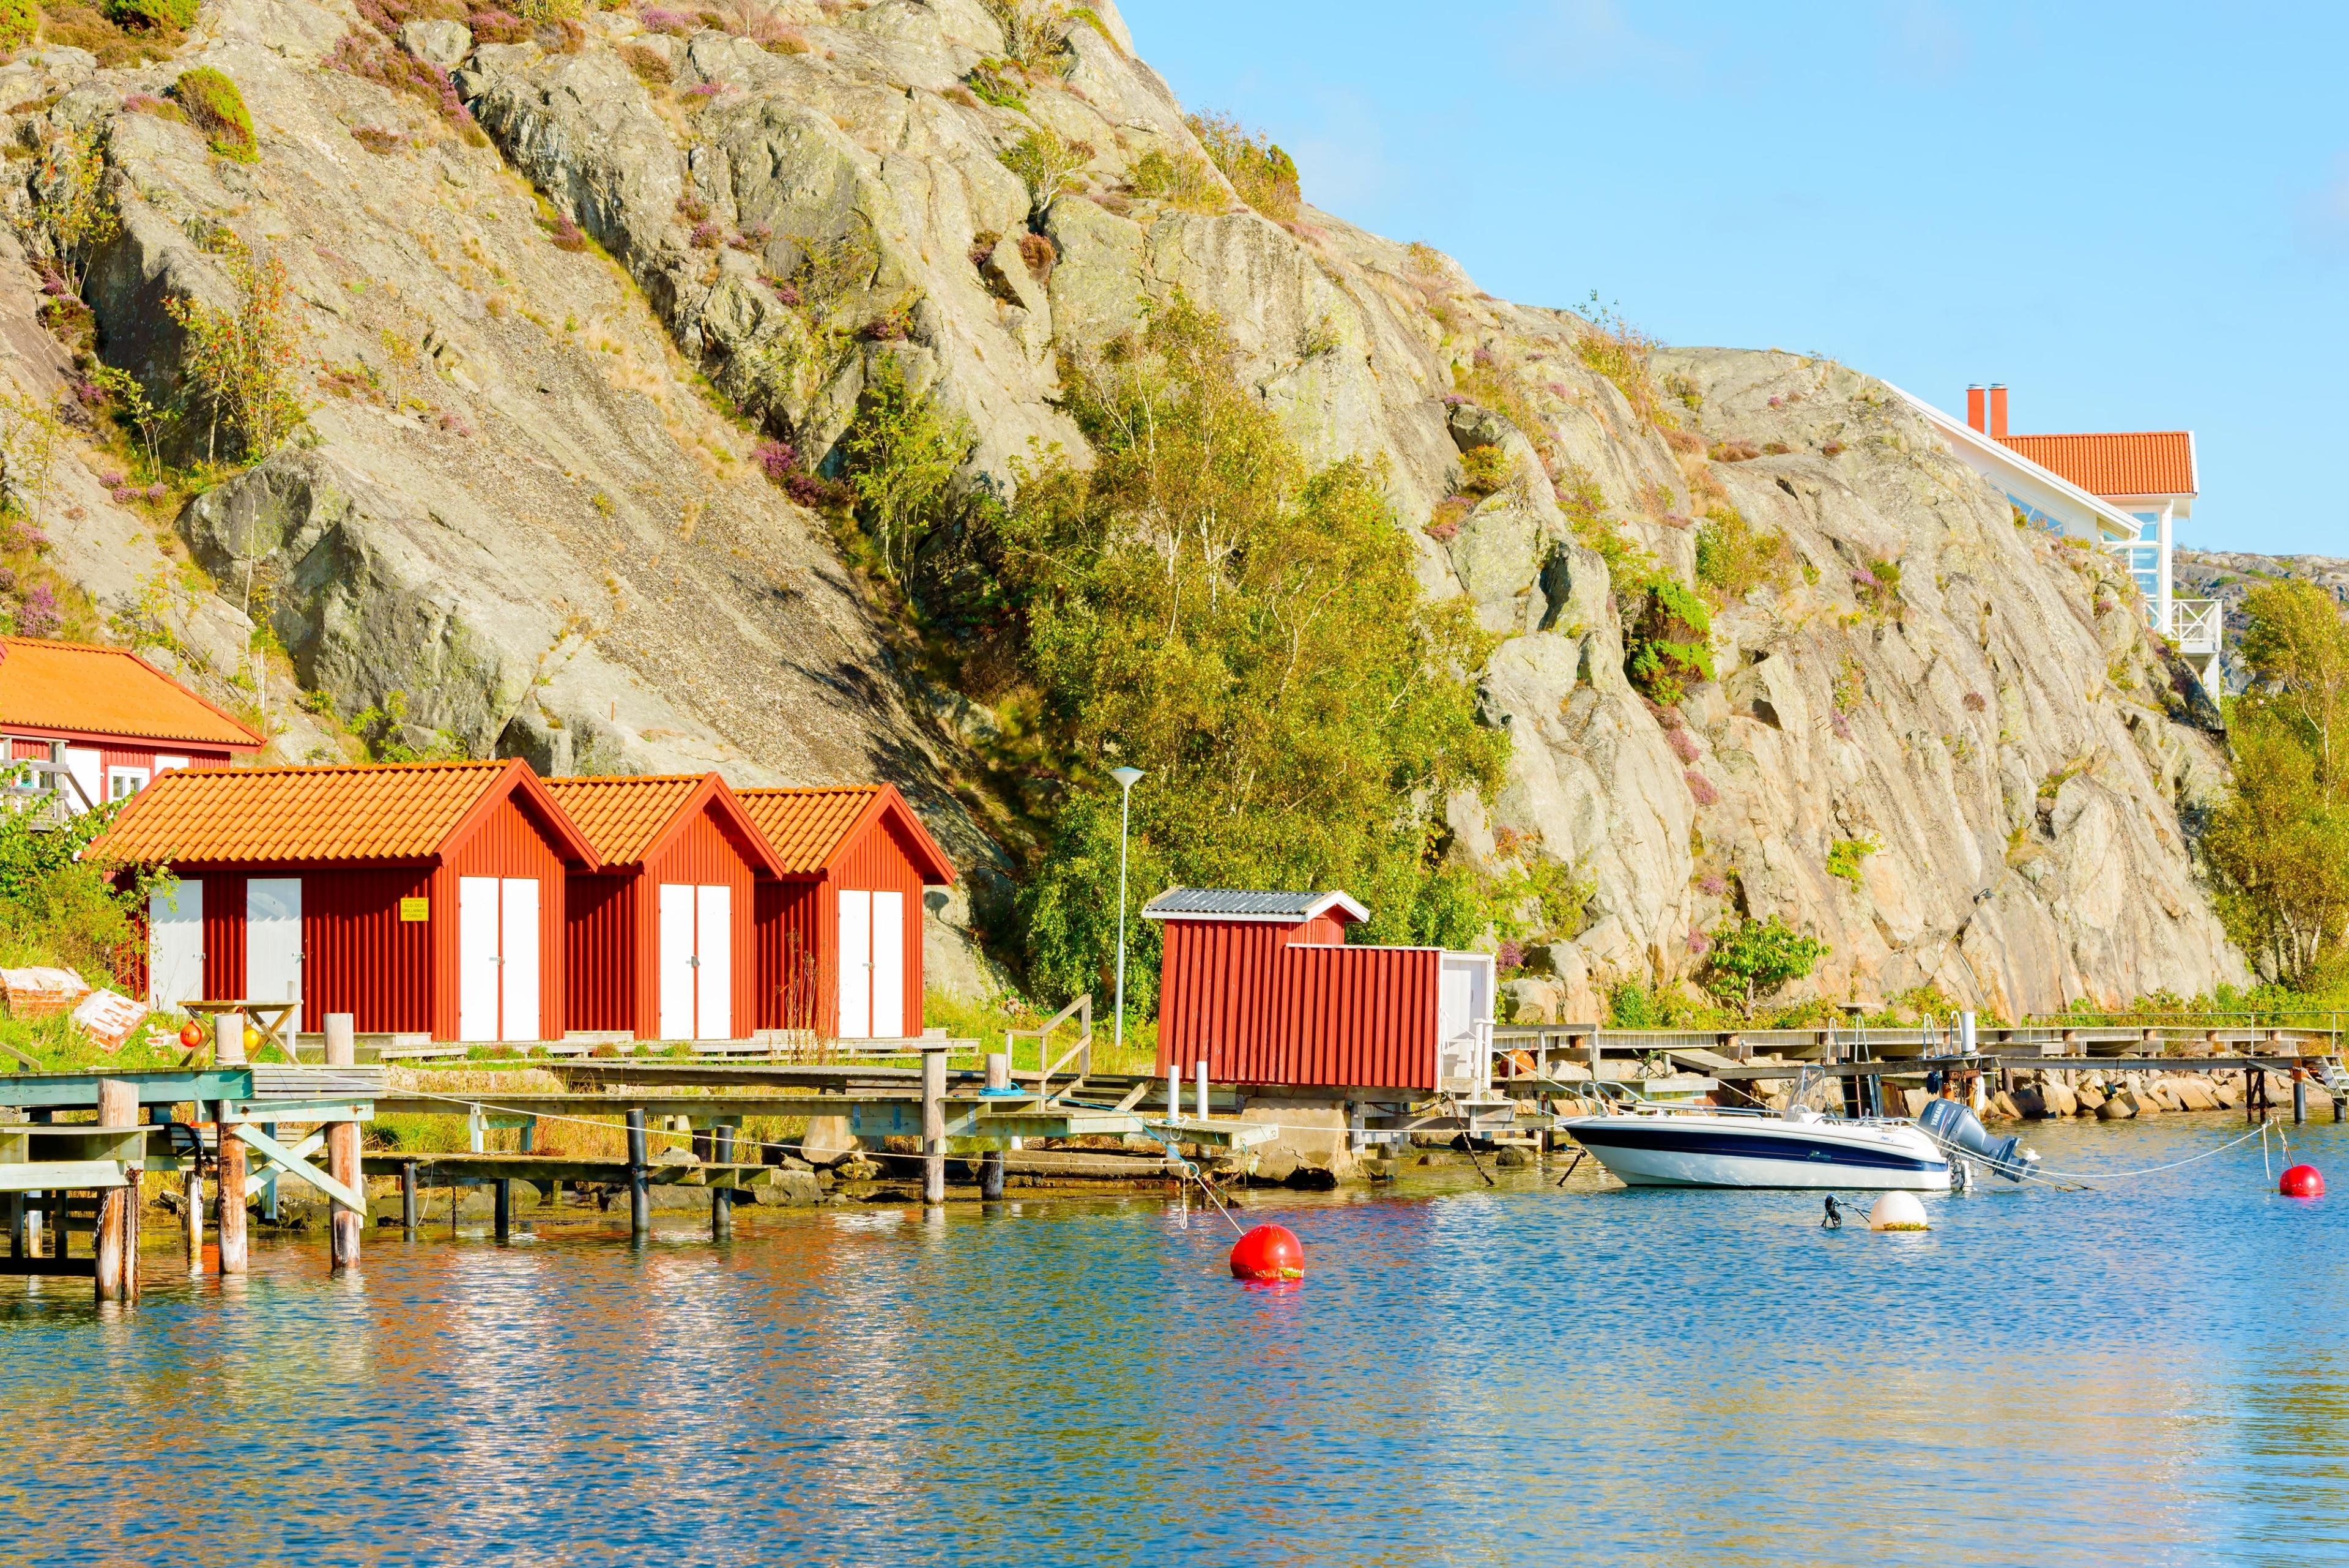 Município de Orust, Condado de Gotalândia Ocidental, Suécia